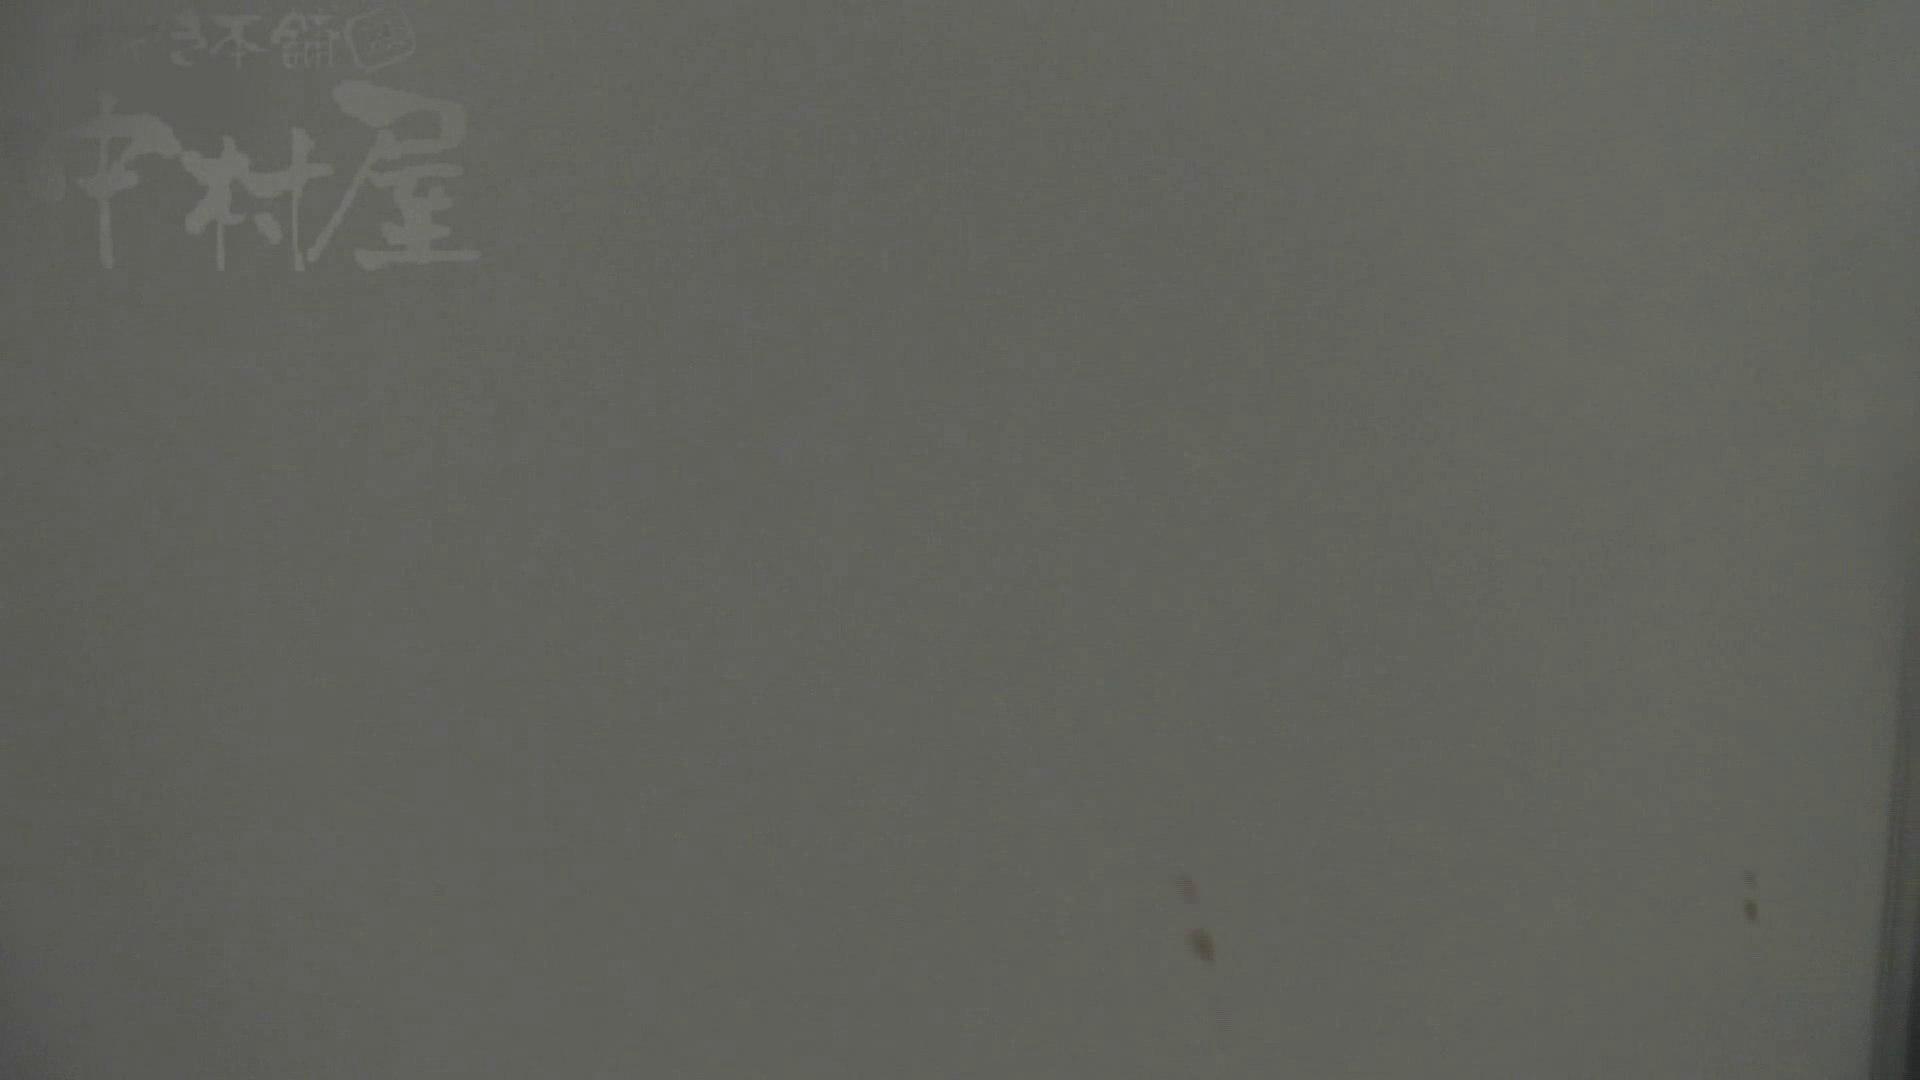 美しい日本の未来 No.25 「22」に登場した子がまさかの大で再登場!! 女子トイレ編  102PIX 88